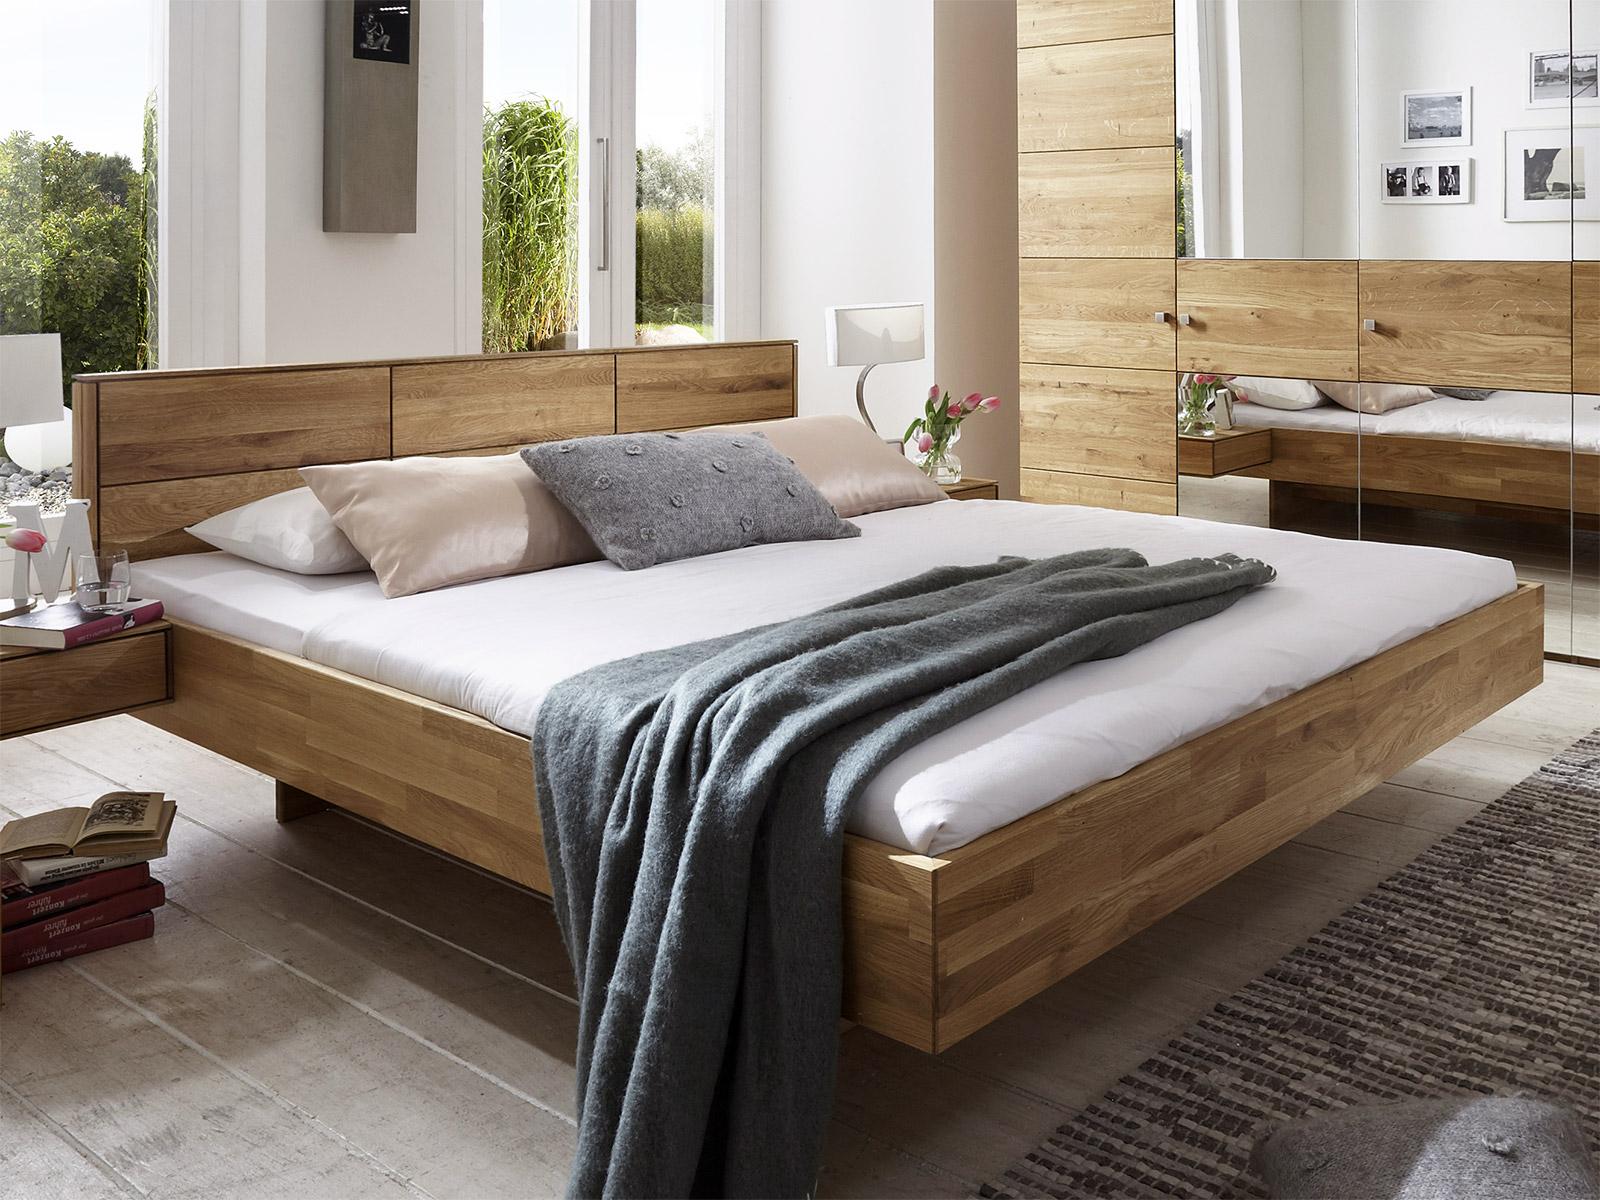 Massivholzbett schwebend  Bett schwebend in Schwebeoptik ohne Füße kaufen | BETTEN.de